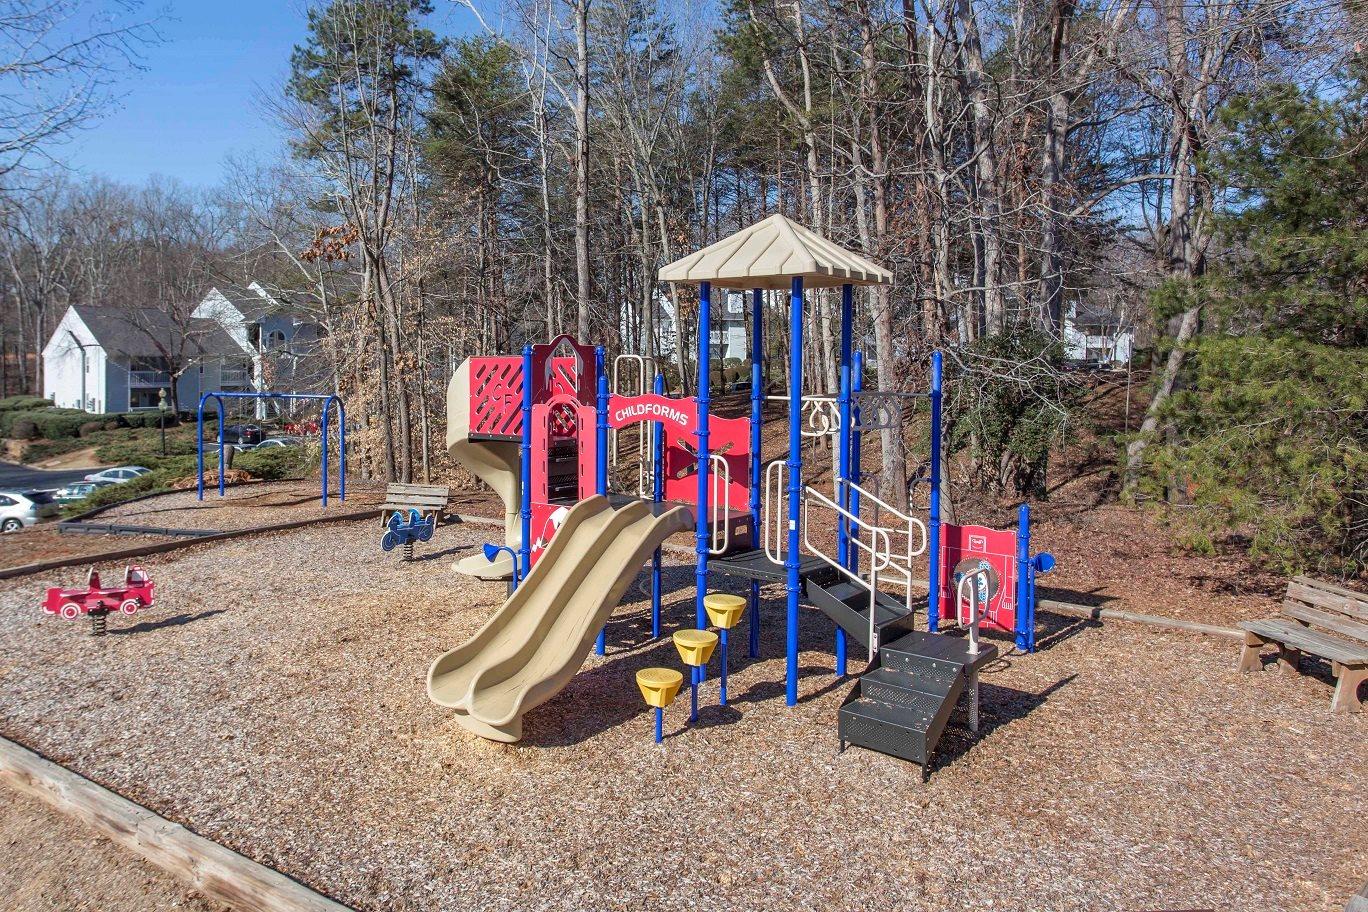 Laurel West Playground